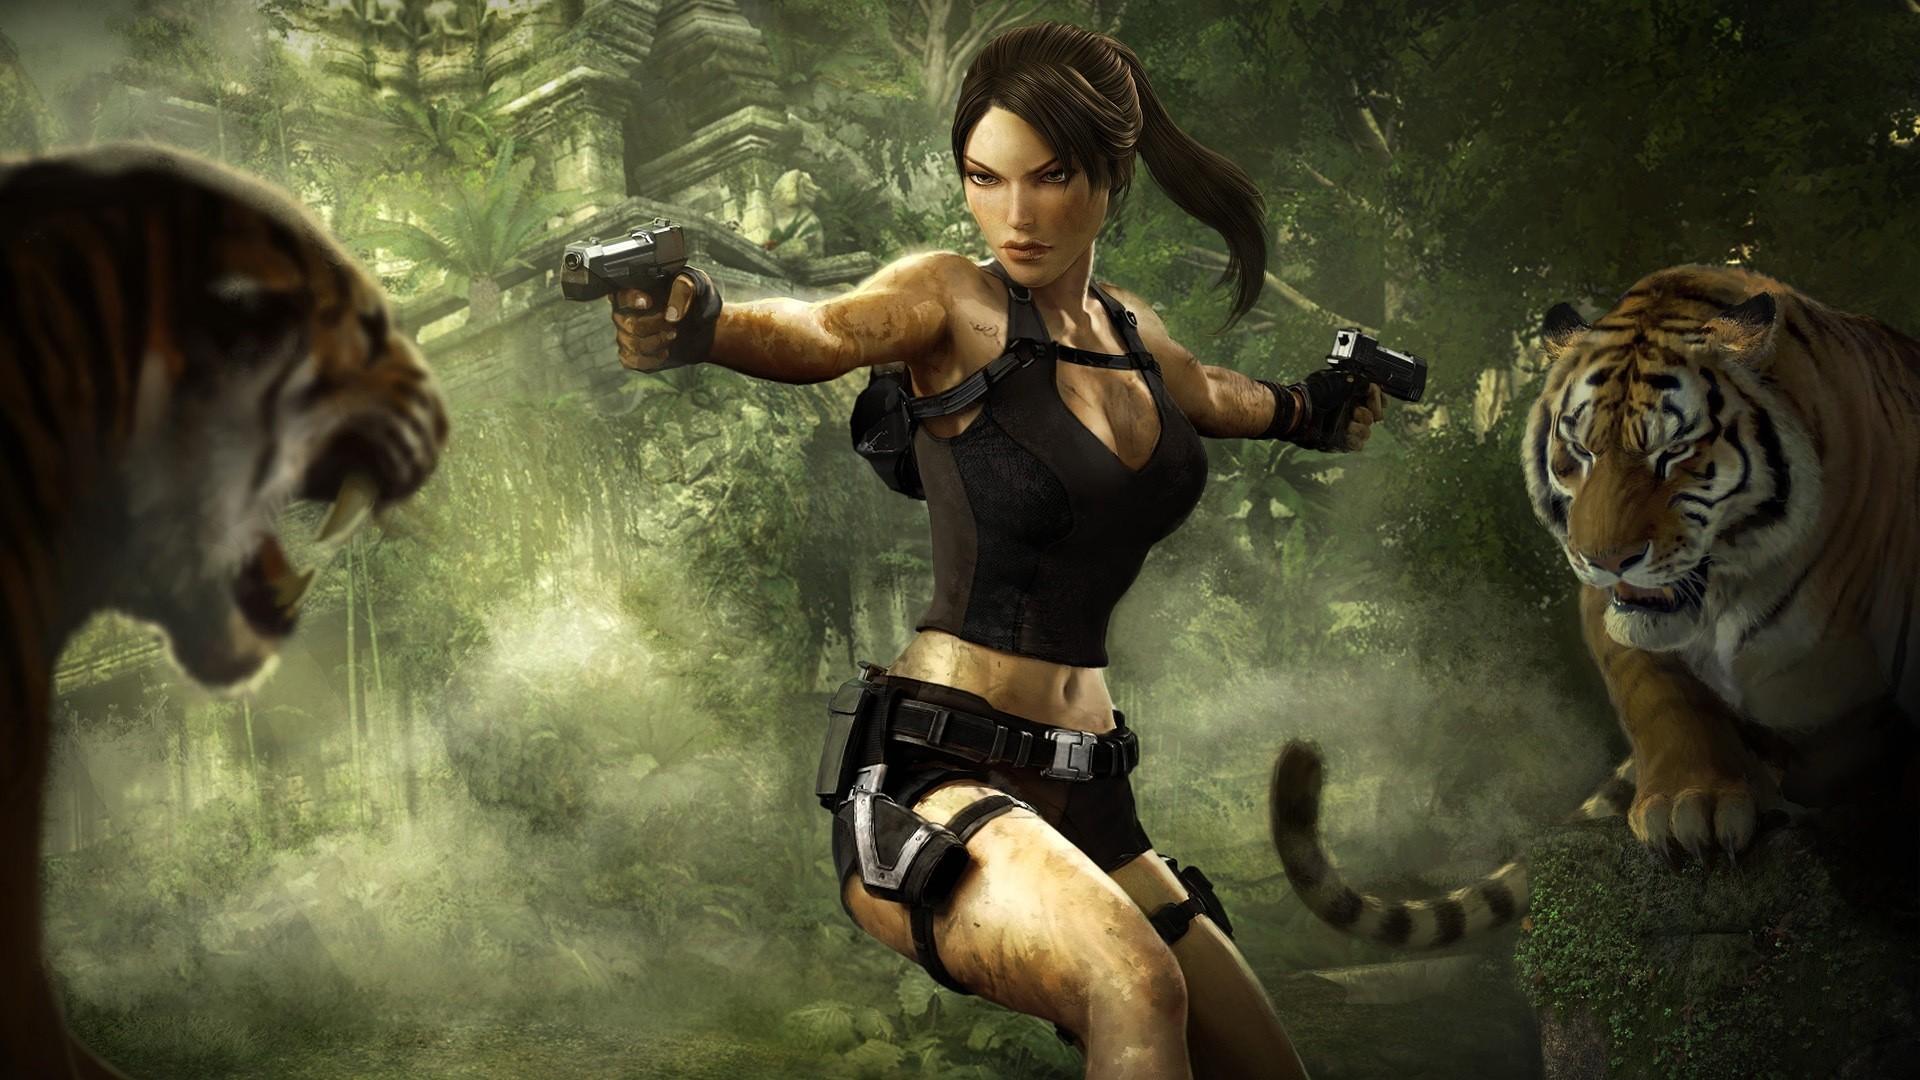 Tomb Raider wallpaper 2726 1920x1080